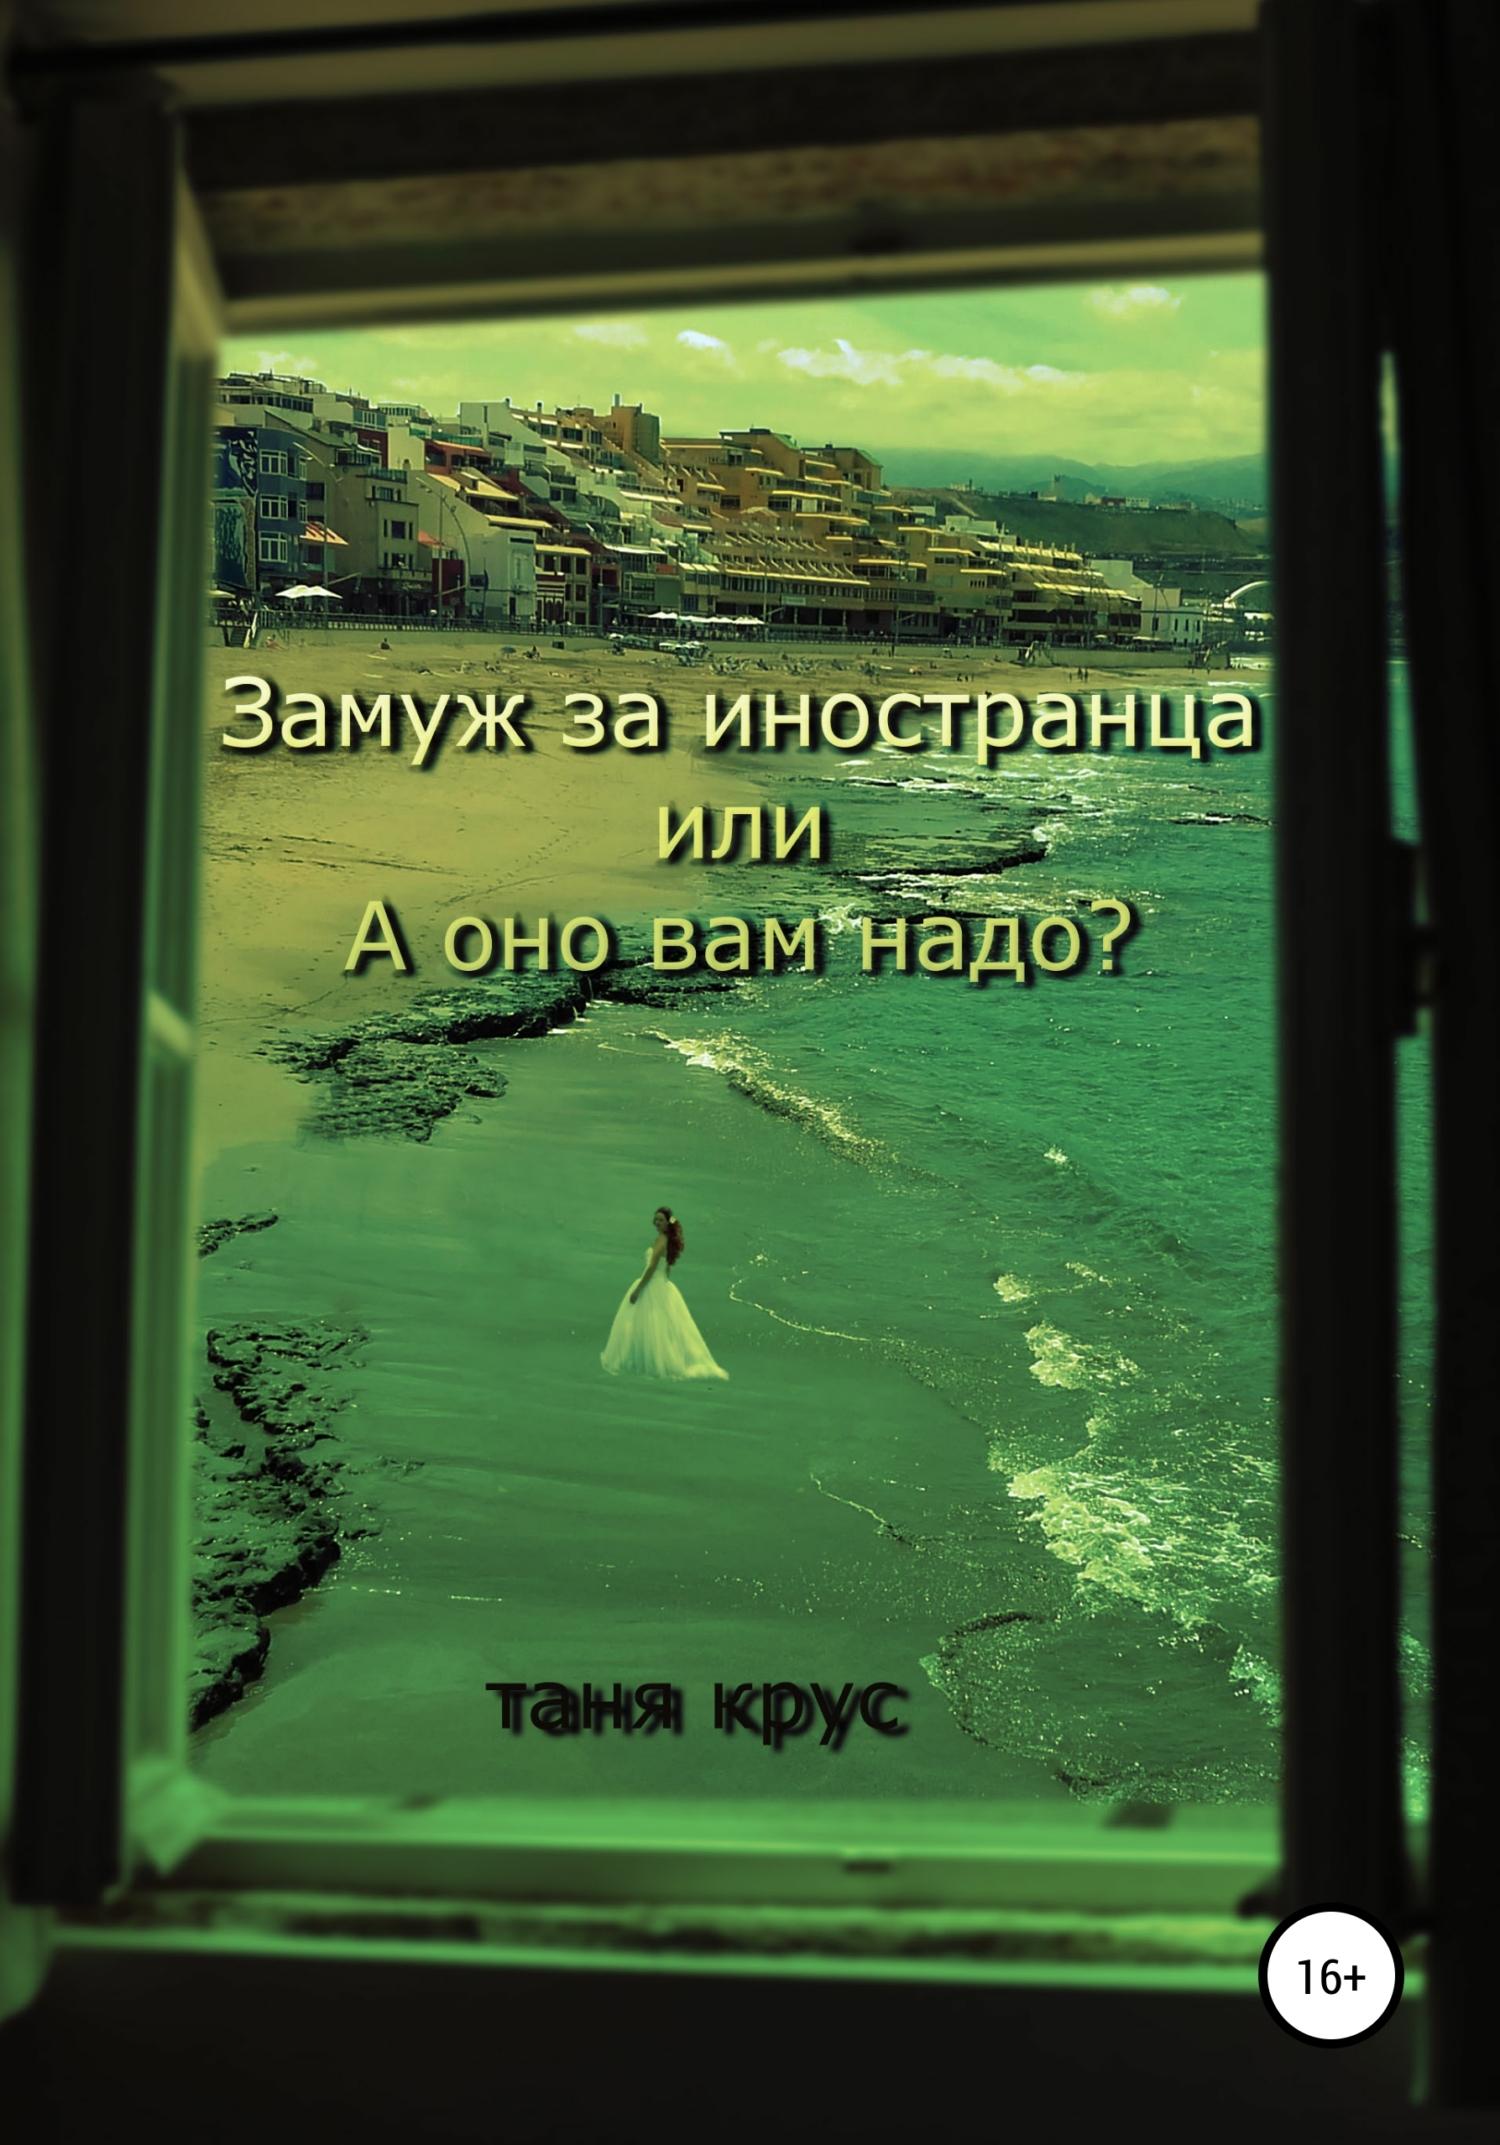 Обложка книги Замуж за иностранца, или «А оно вам надо?»